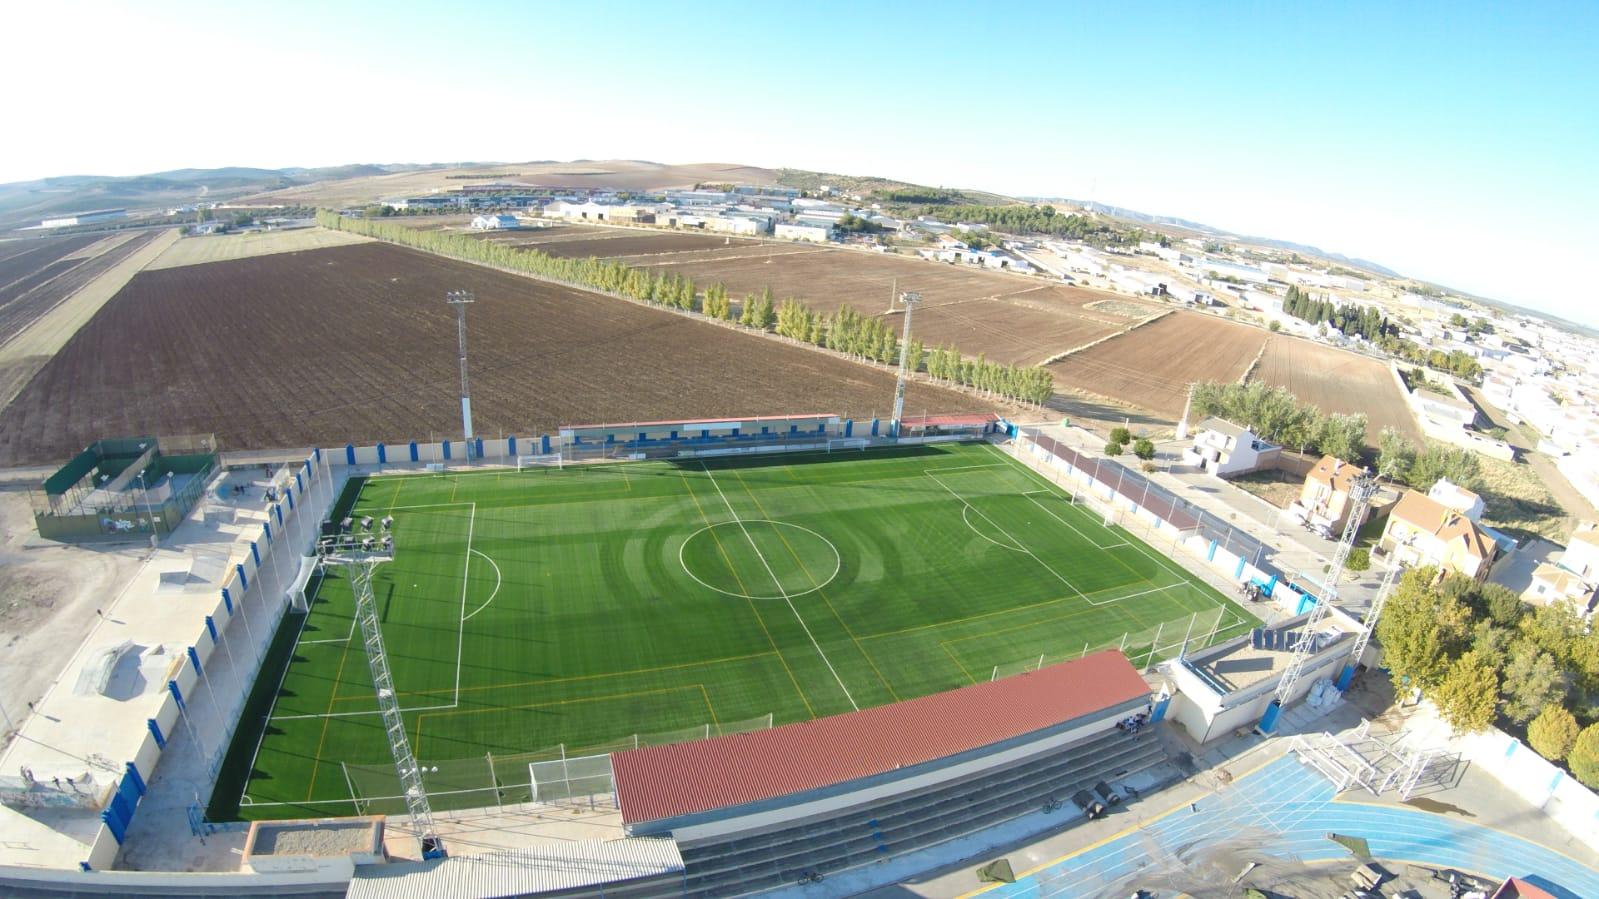 Campo de Fútbol Municipal de Campillos – Campillos (Málaga) Image